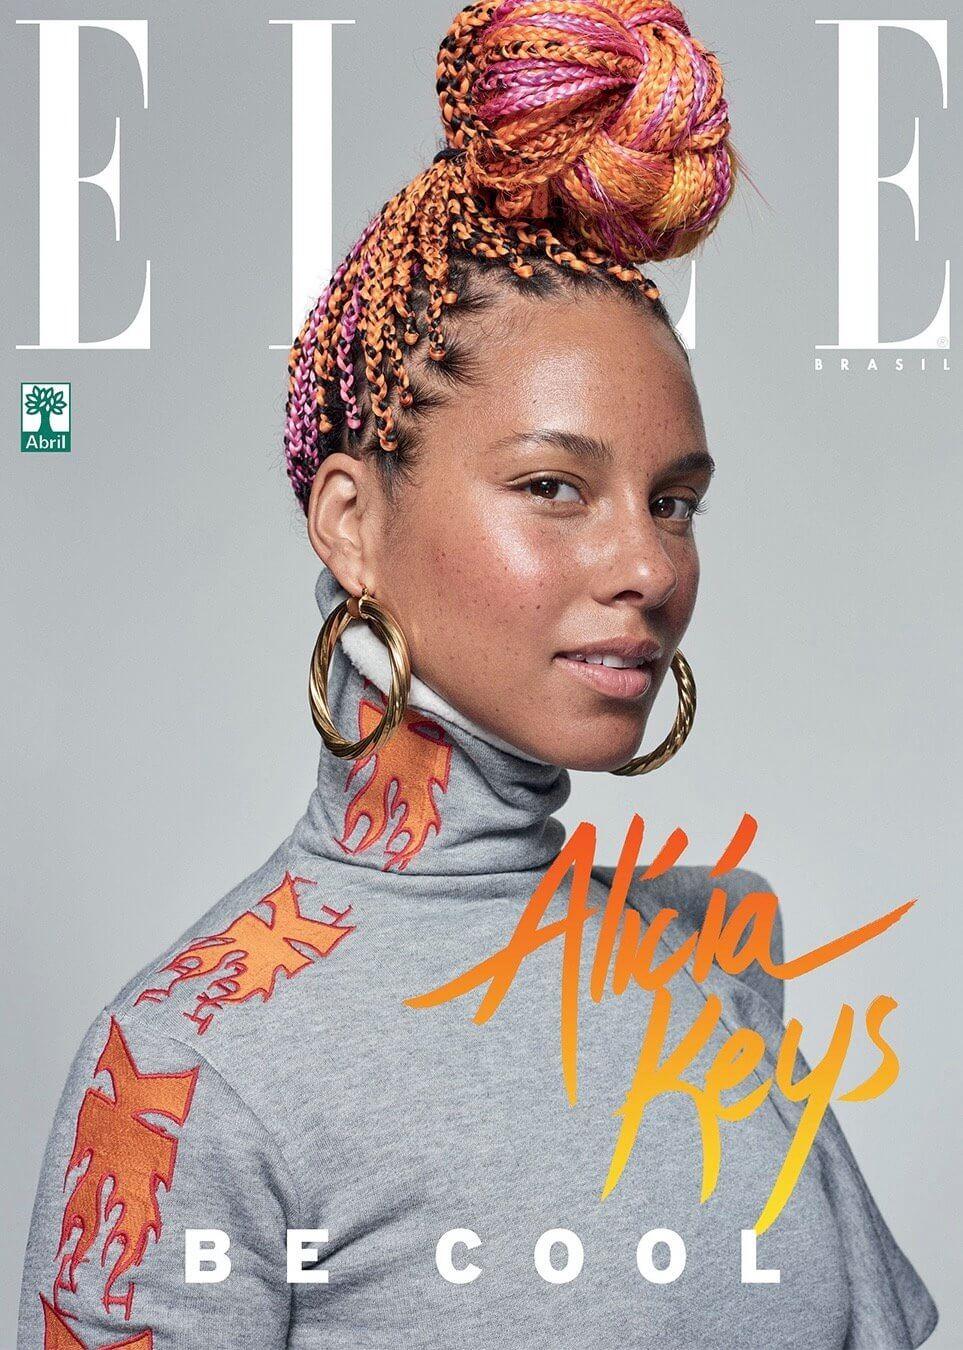 La chanteuse pop Alicia Keys faisant la couverture de Elle Brasil.  Madame Noire : https://madamenoire.com/840689/alicia-keys-elle-brasil/